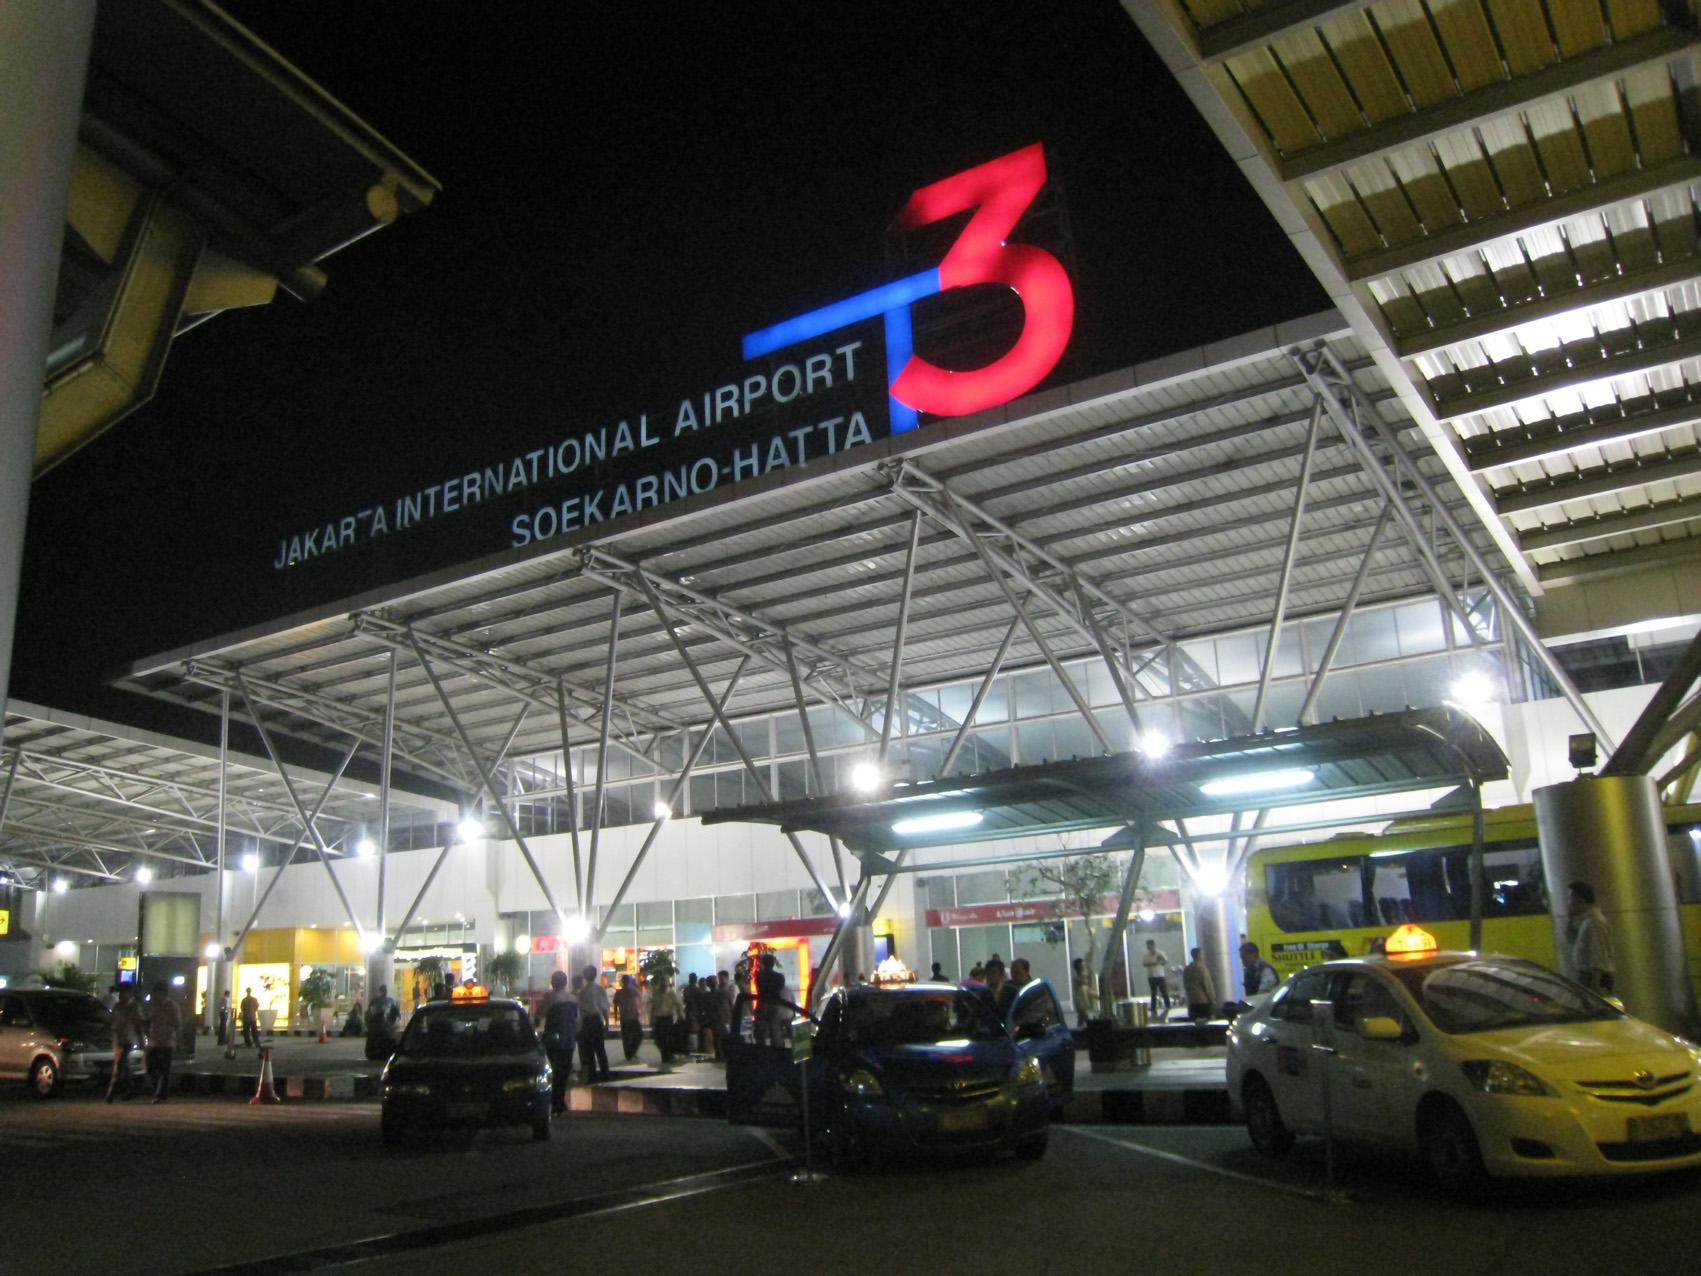 PT Angkasa Pura II Hentikan Sementara Layanan Penerbangan dari Bandara Soekarno-Hatta Jakarta ke China